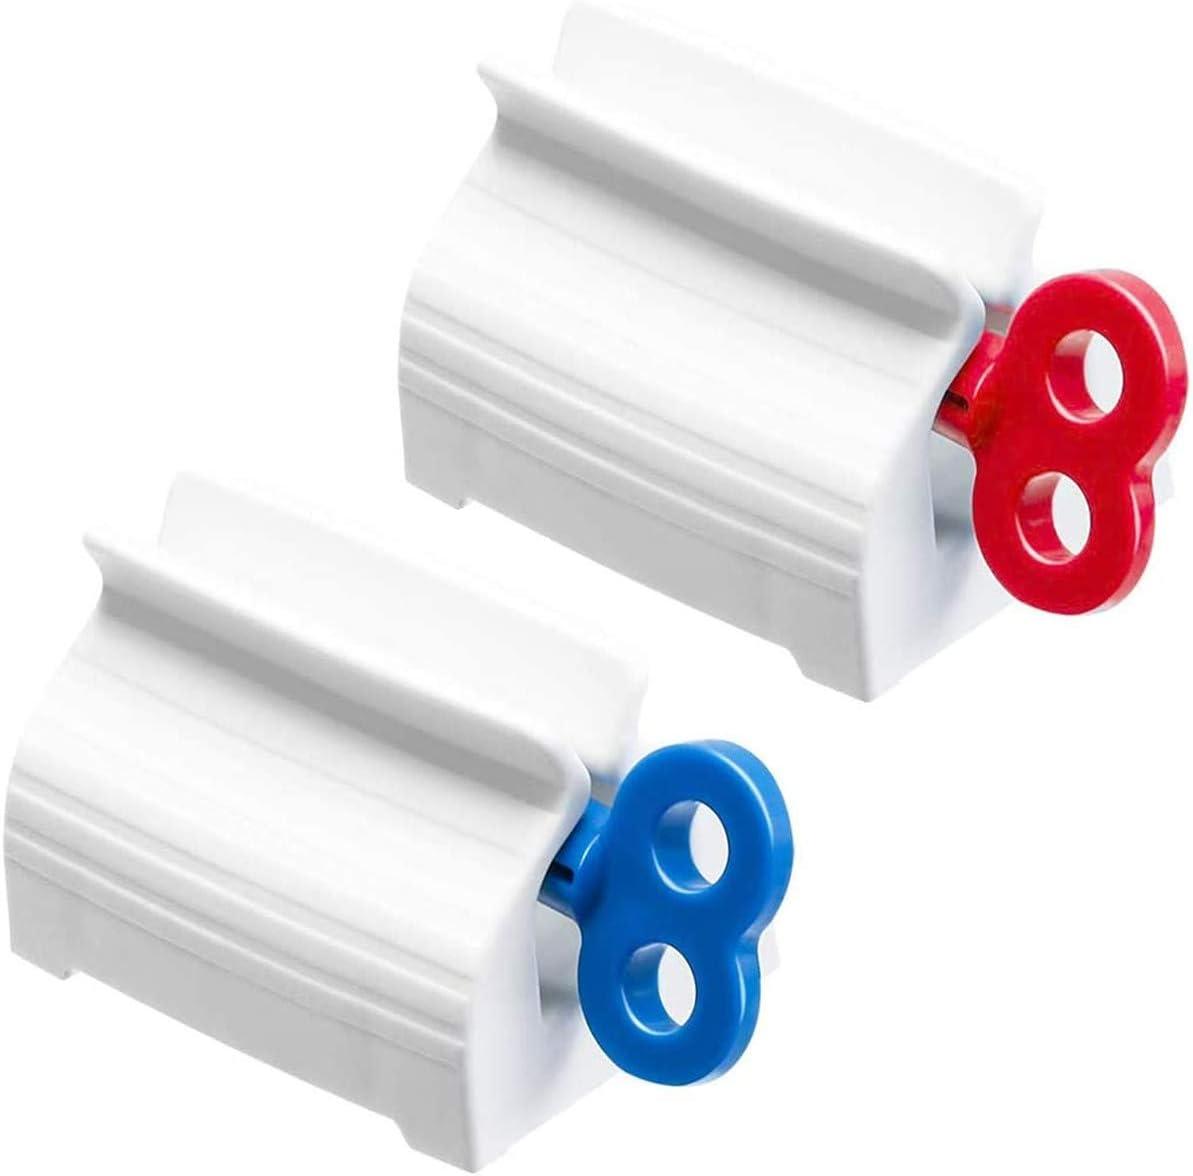 Herramienta Exprimidoras para Pasta de Dientes FLZONE 2 juegos Dispensador de Exprimidor de Tubo de Pasta de Dientes 3 colores, tres tama/ños por juego Clips de Pasta de Dientes de Pl/ástico